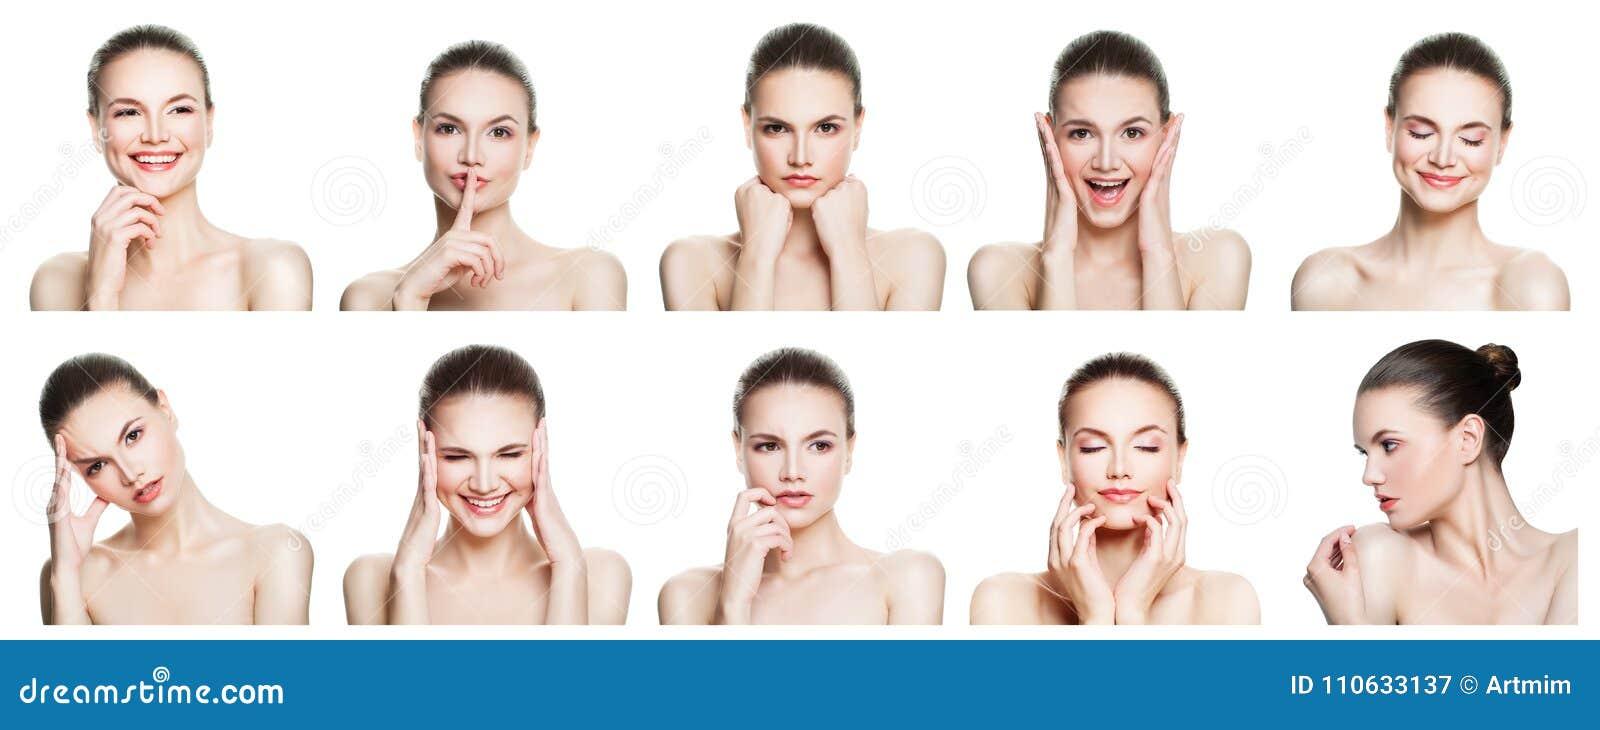 Коллаж отрицательных и положительных женских выражений стороны